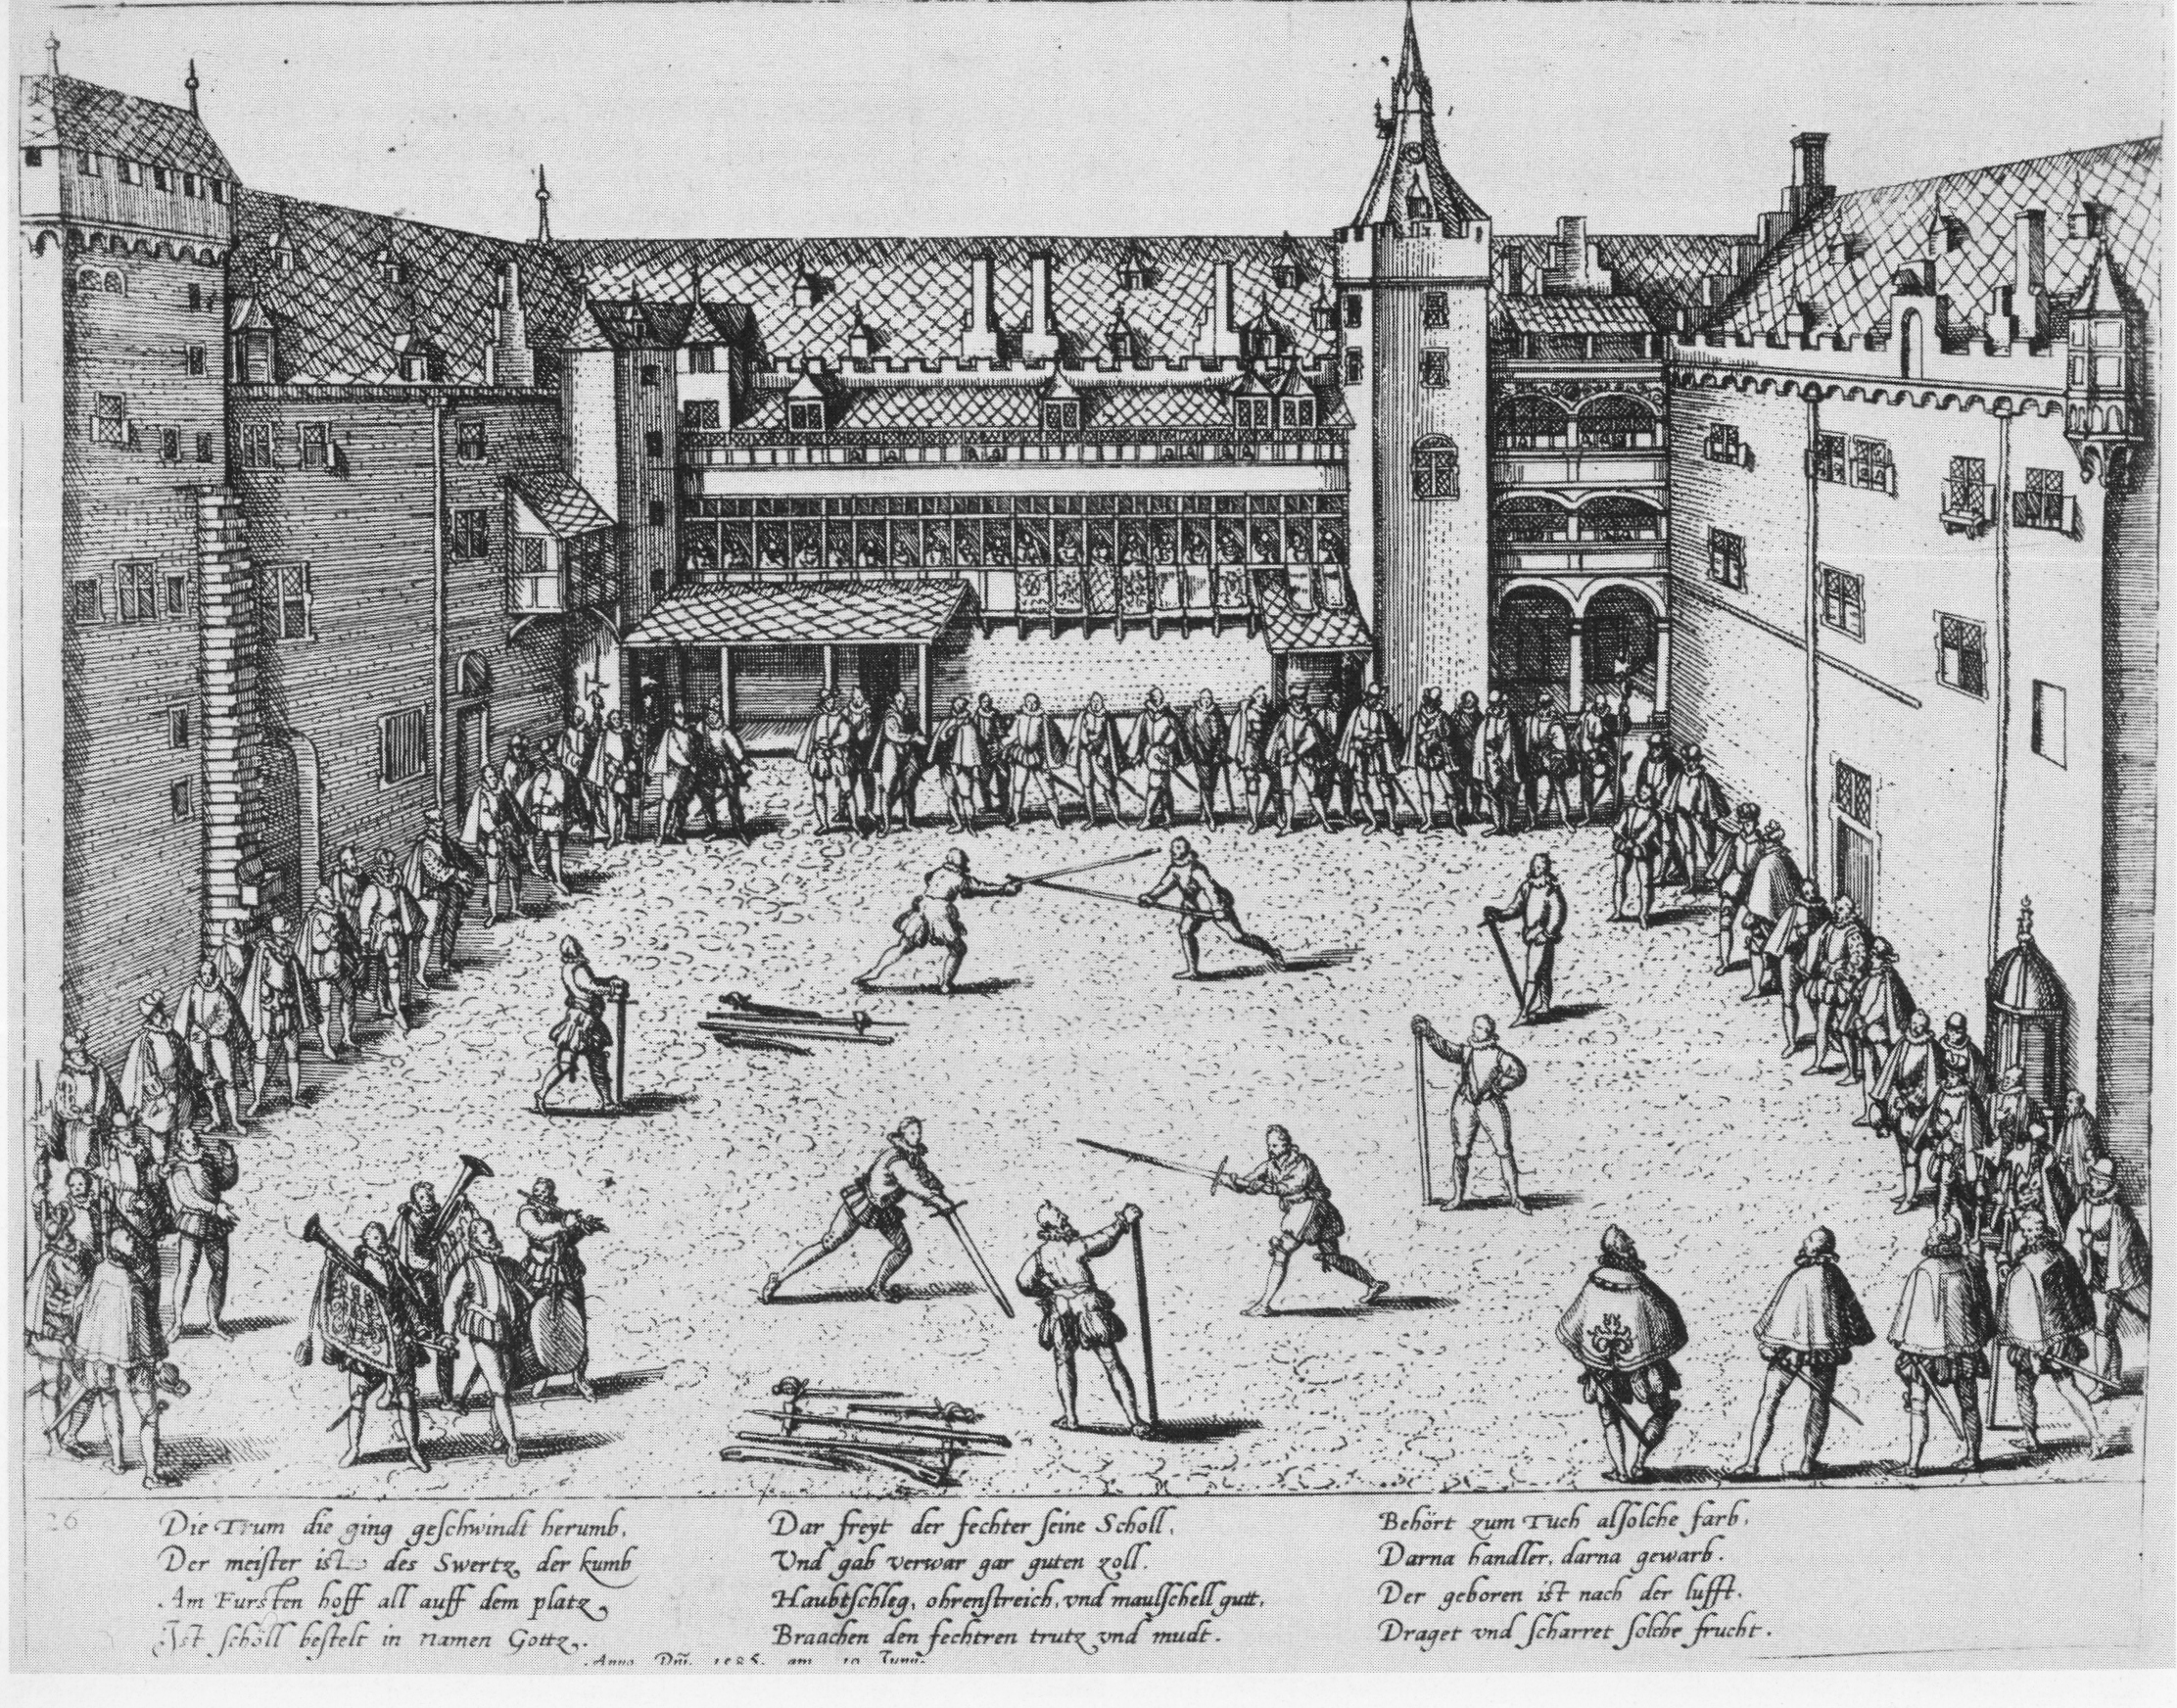 1585 Fechtschule in Düsseldorf at the Jülicher Hochzeit